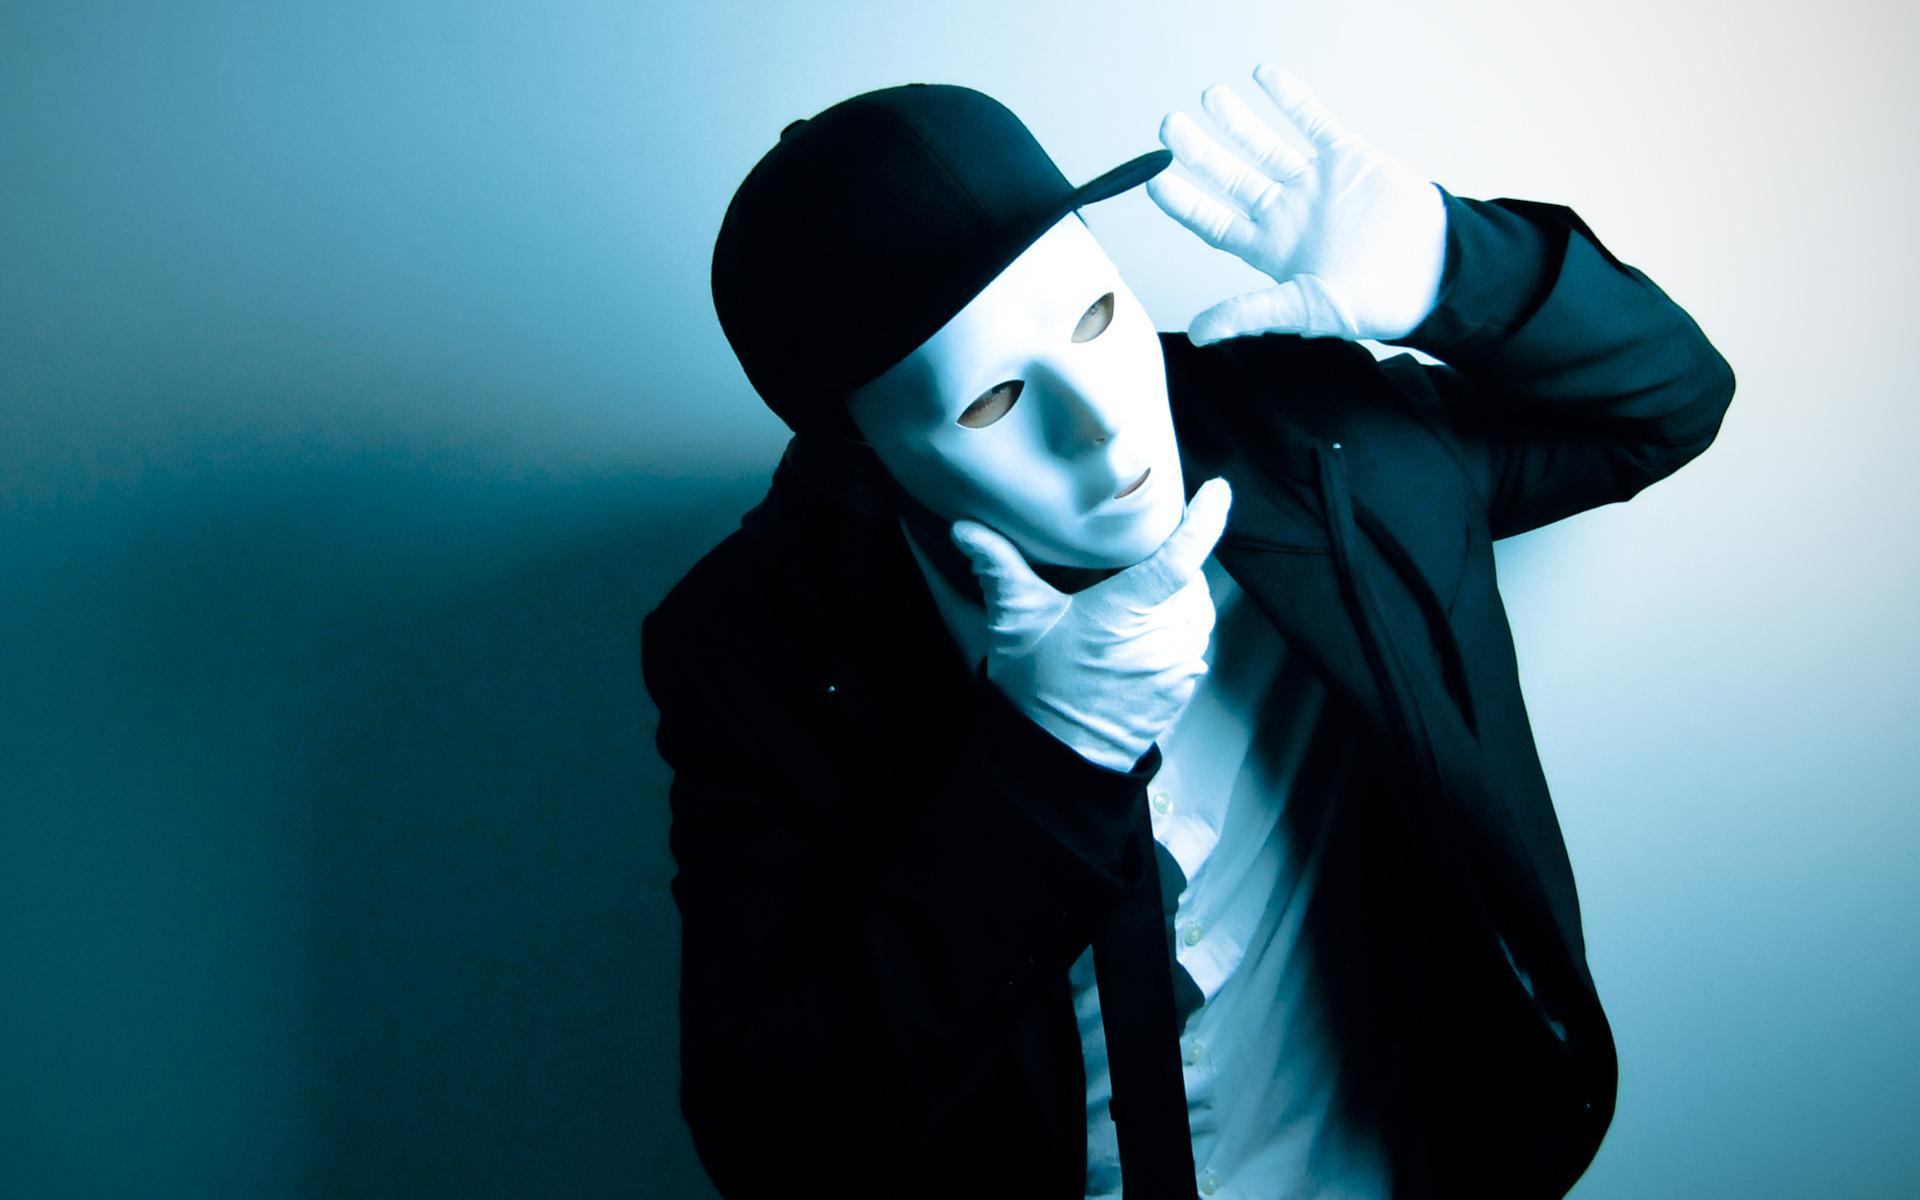 ещё фото картинки на аву с масками театрального отделения